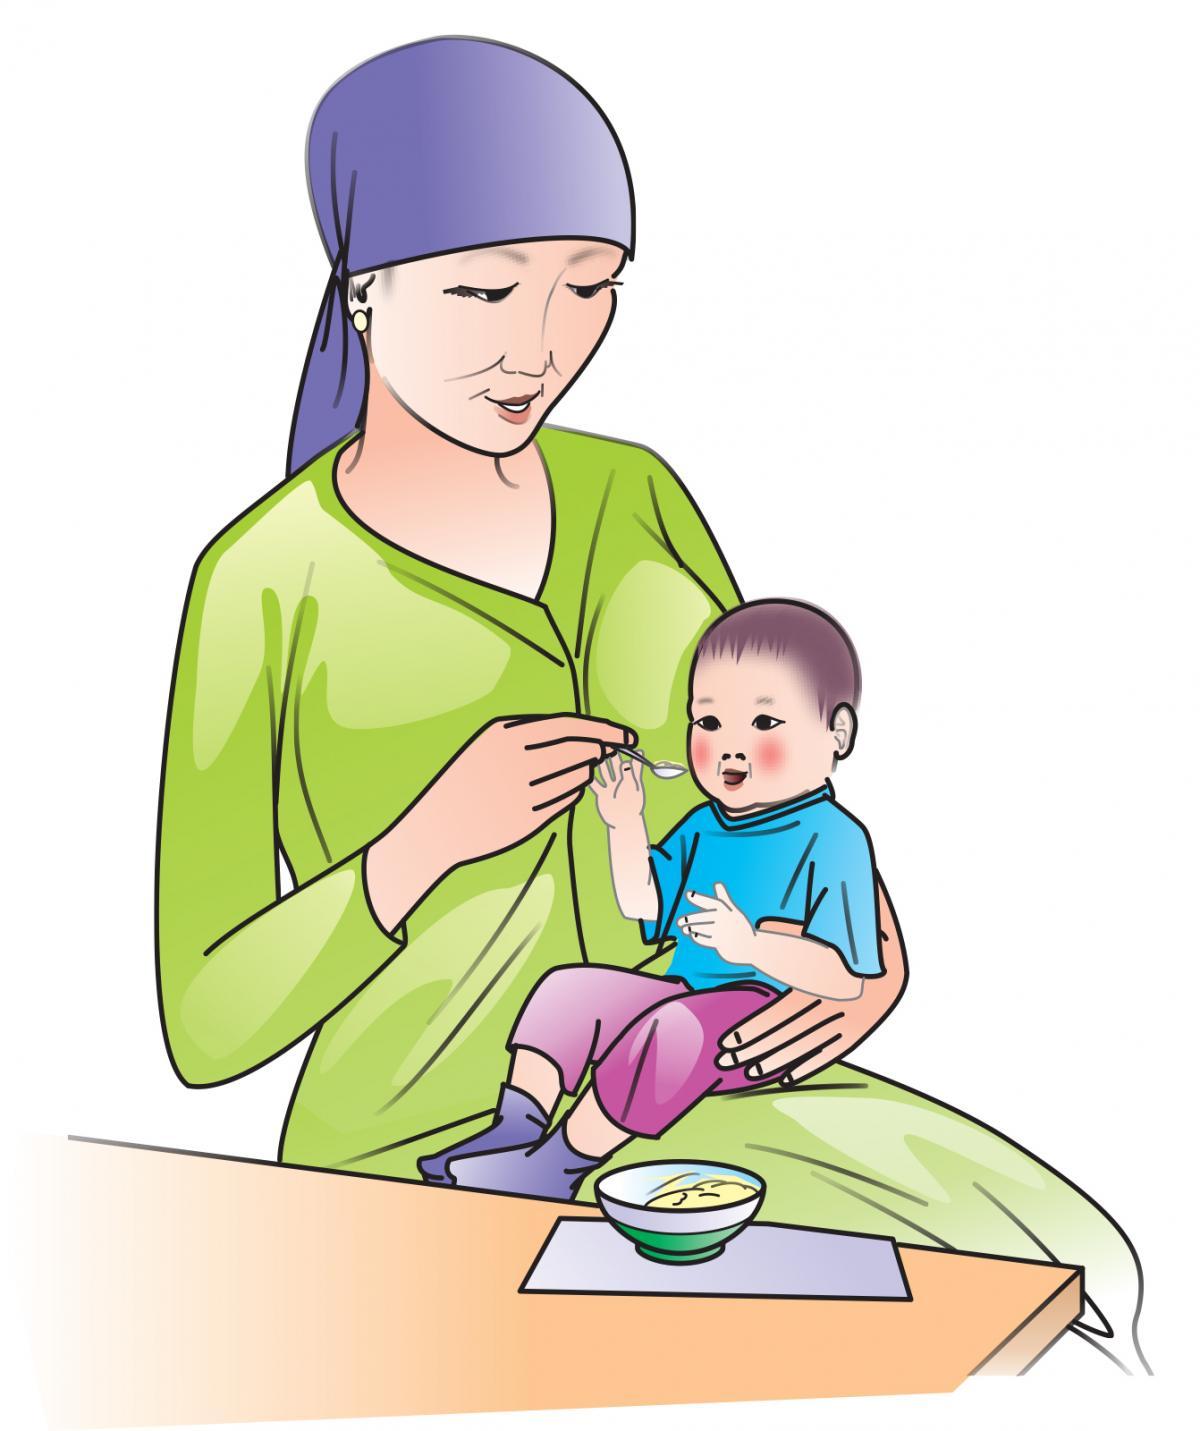 Hygiene - Wash hands before feeding the baby  - 02 - Kyrgyz Republic